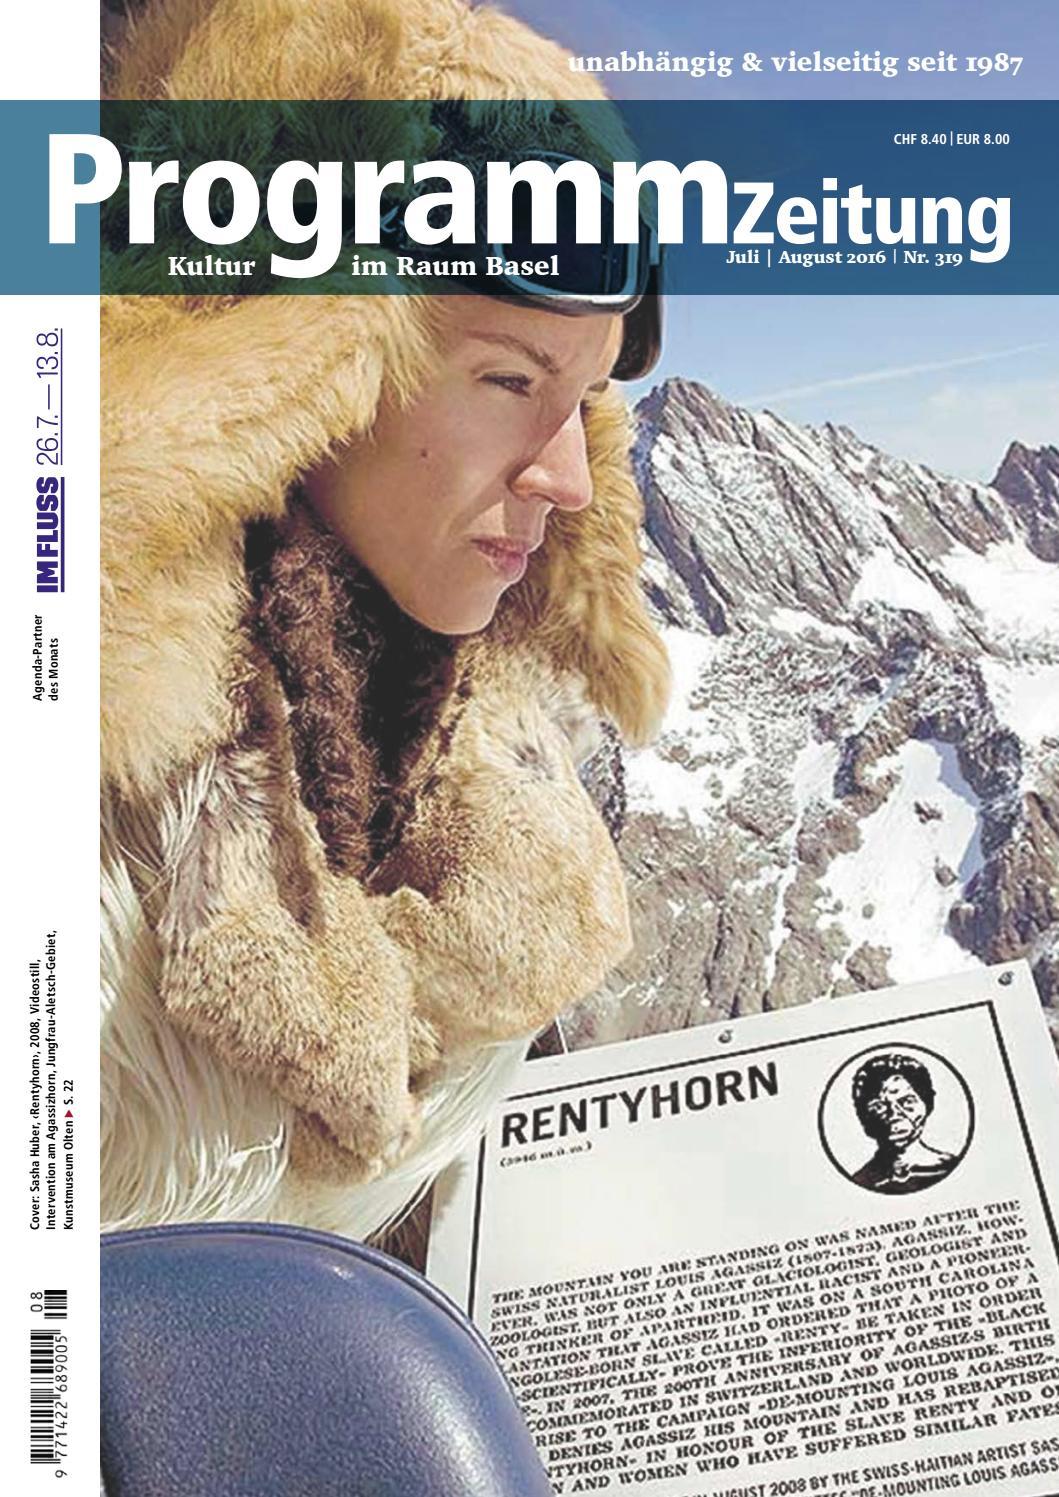 beitrage fureine kulturpolitik in der schweiz - dwellforward.org